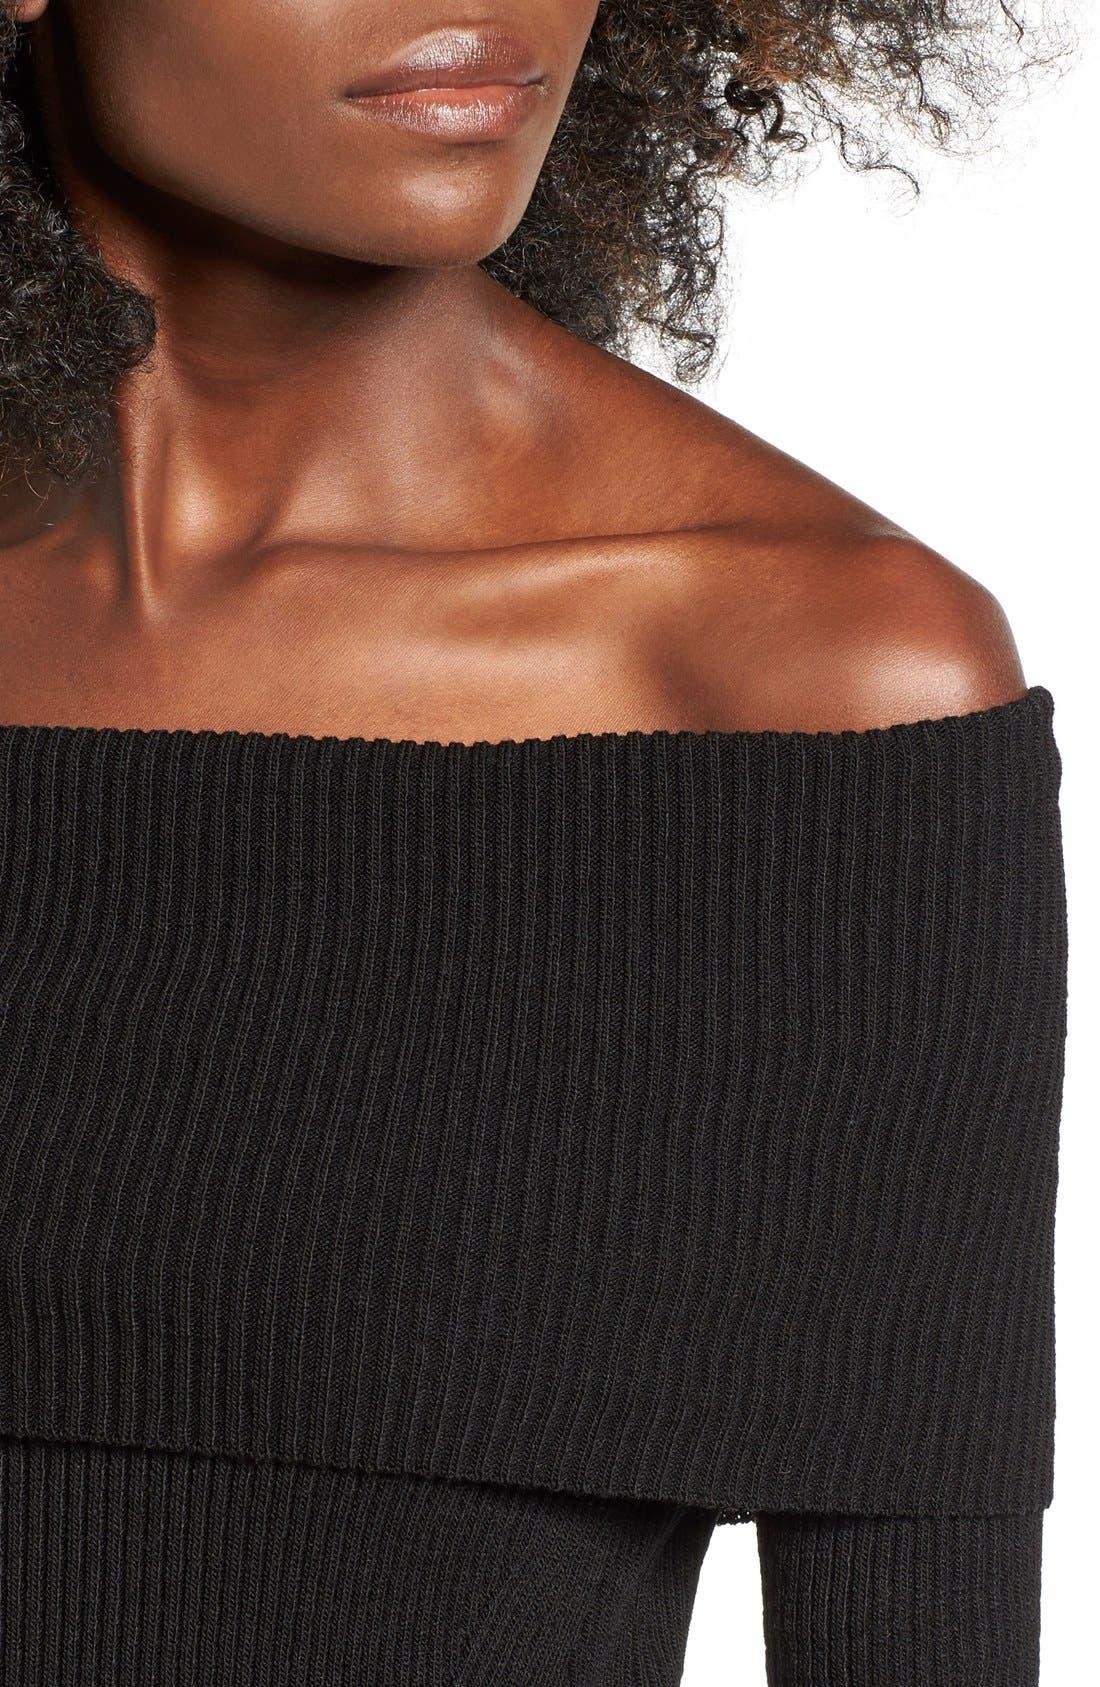 COTTON EMPORIUM,                             Off the Shoulder Knit Body-Con Dress,                             Alternate thumbnail 4, color,                             001